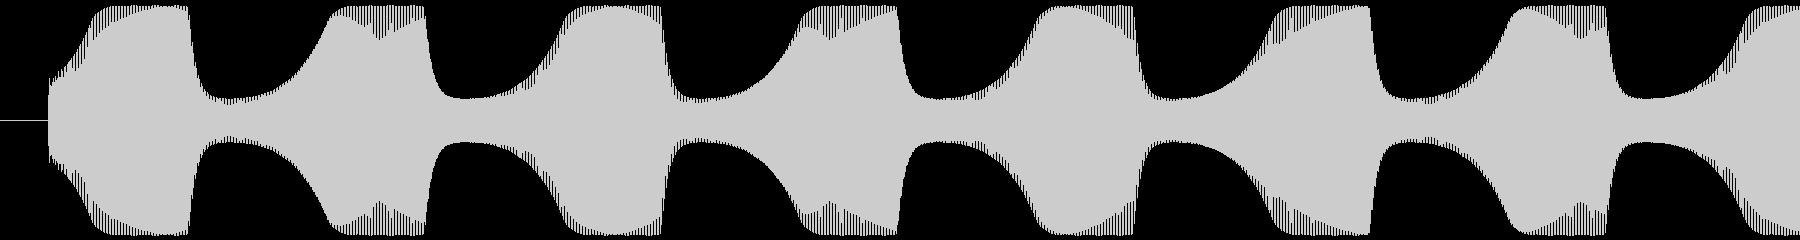 ゲームテキスト効果音A-8(高め 短い)の未再生の波形